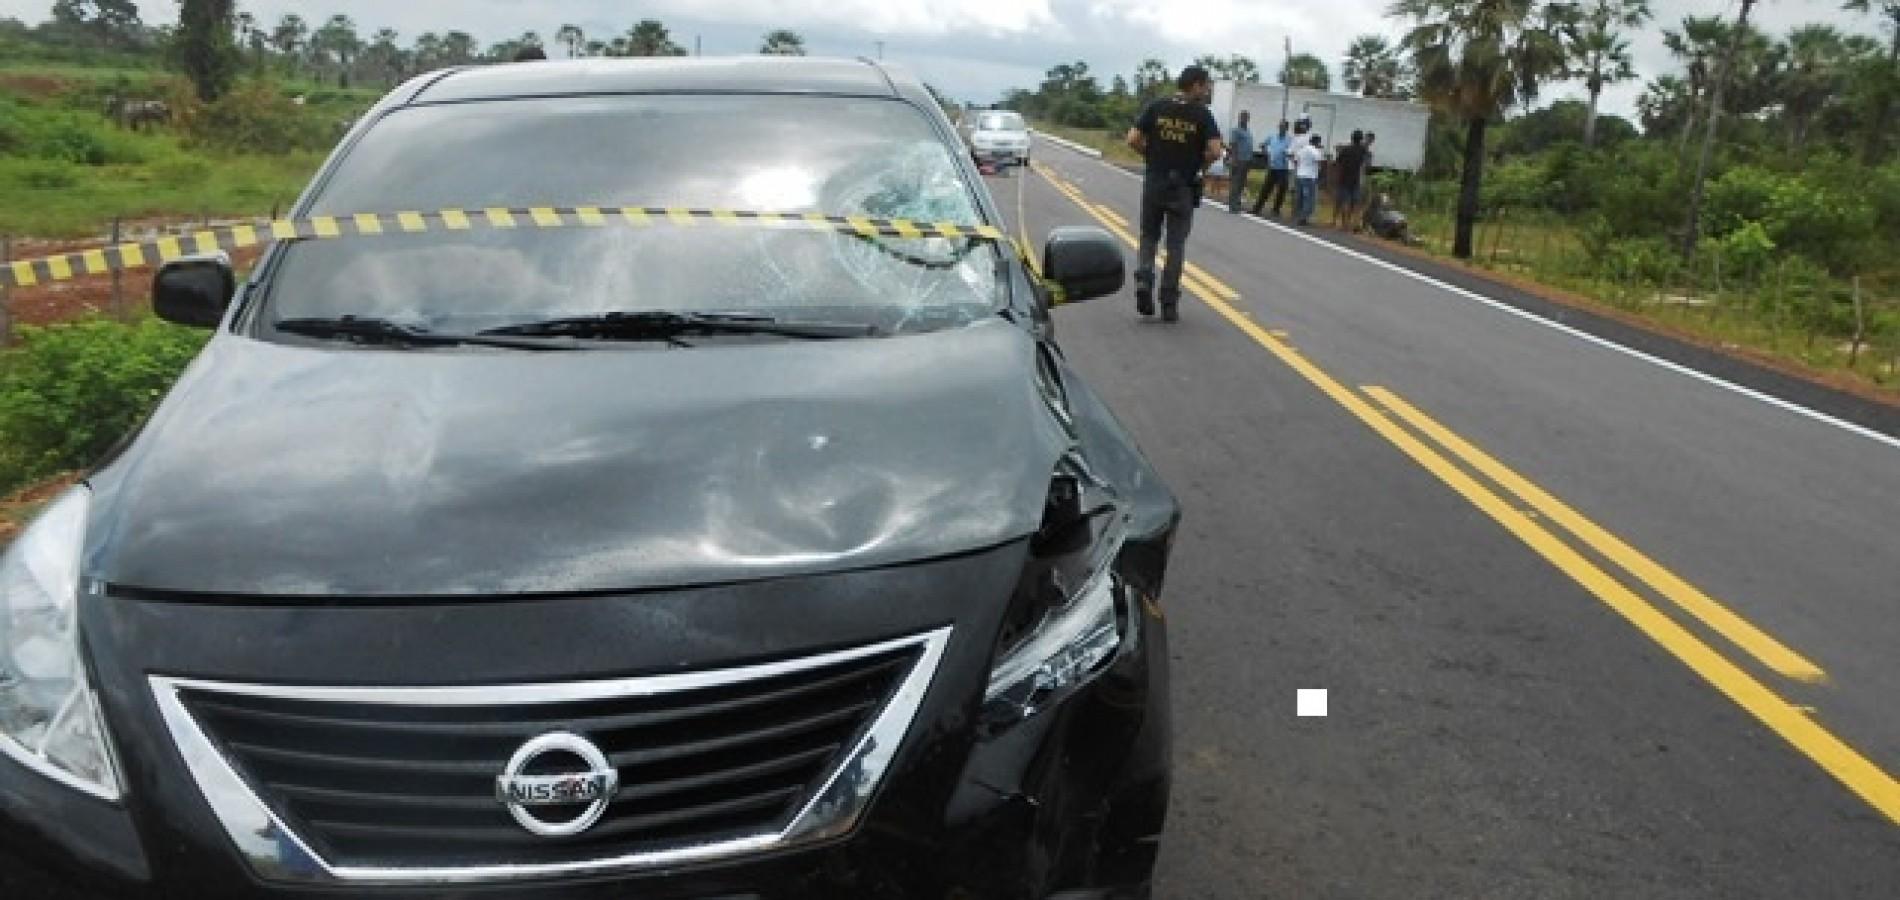 Carro de delegado colide com mulher em motocicleta e vítima morre